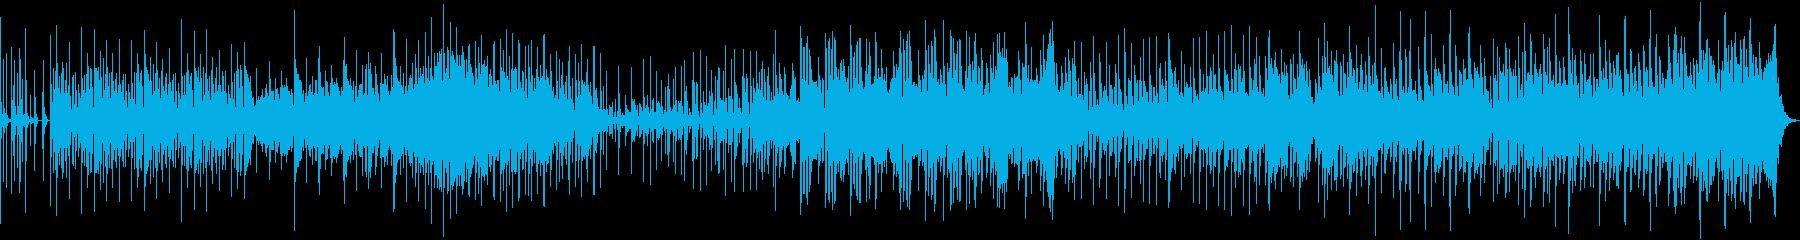 モダンなスウィングジャズの再生済みの波形